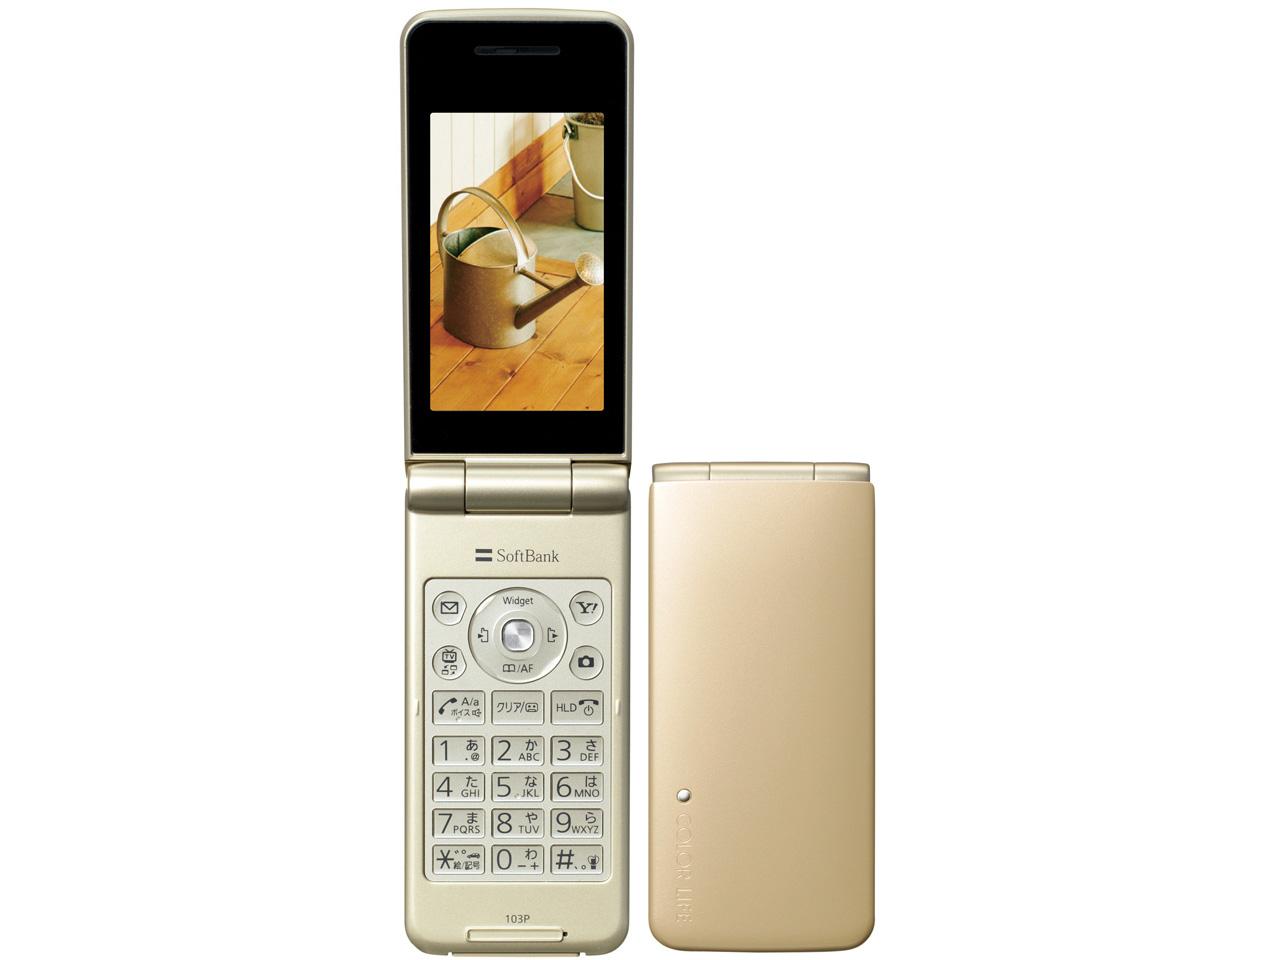 COLOR LIFE3 103P SoftBank [ゴールド] の製品画像